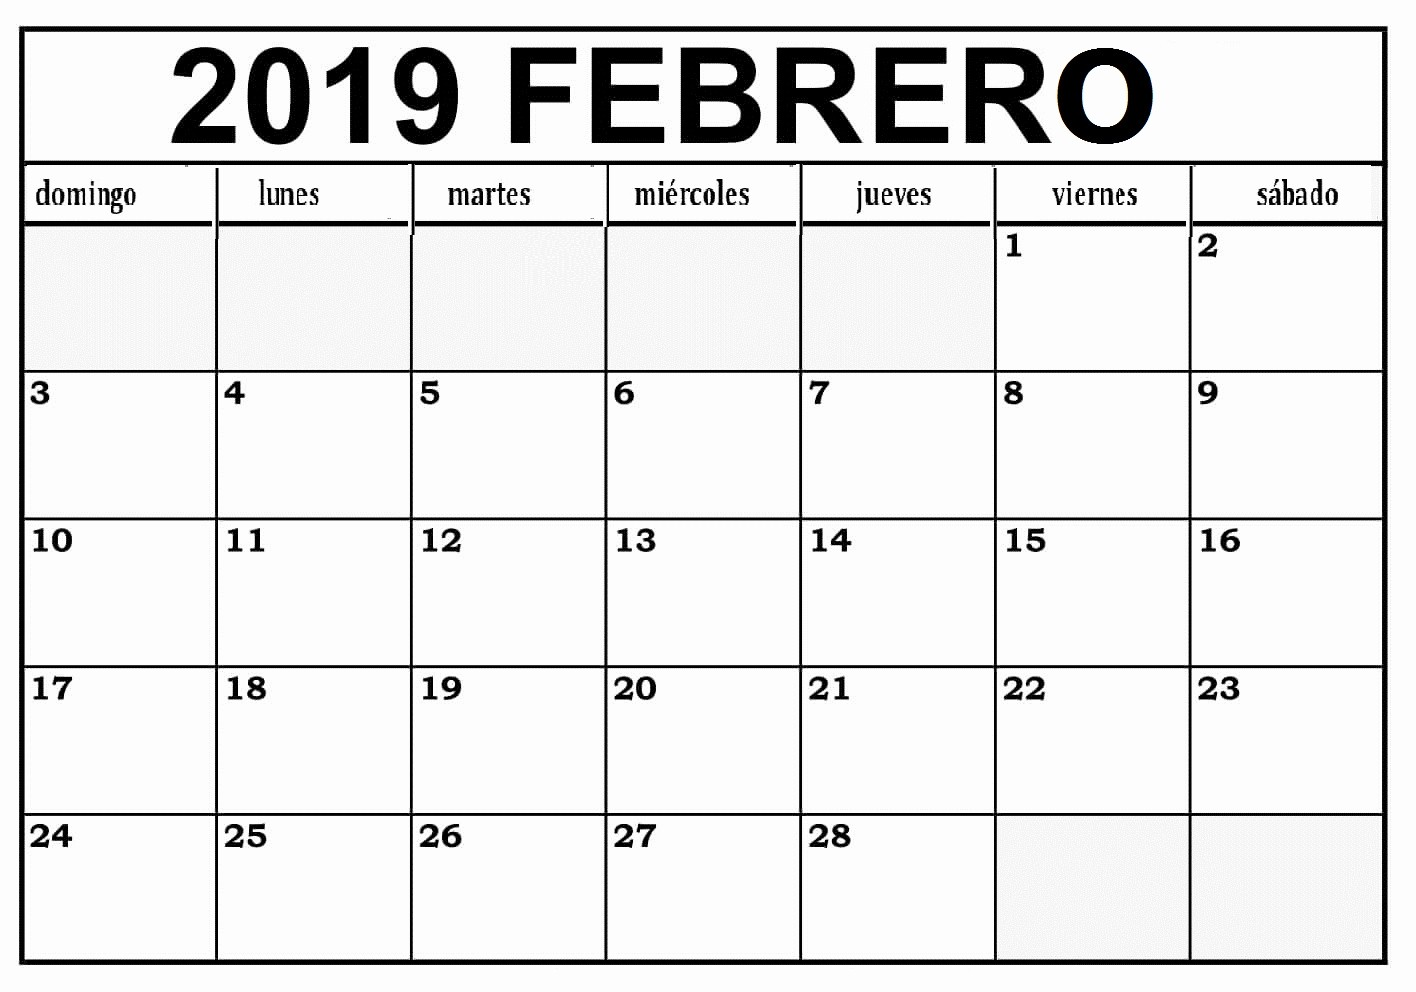 Calendario Febrero 2018 Para Imprimir Lovely Calendario Mesa Febrero 2019 Para Imprimir – Best Reviews 2019